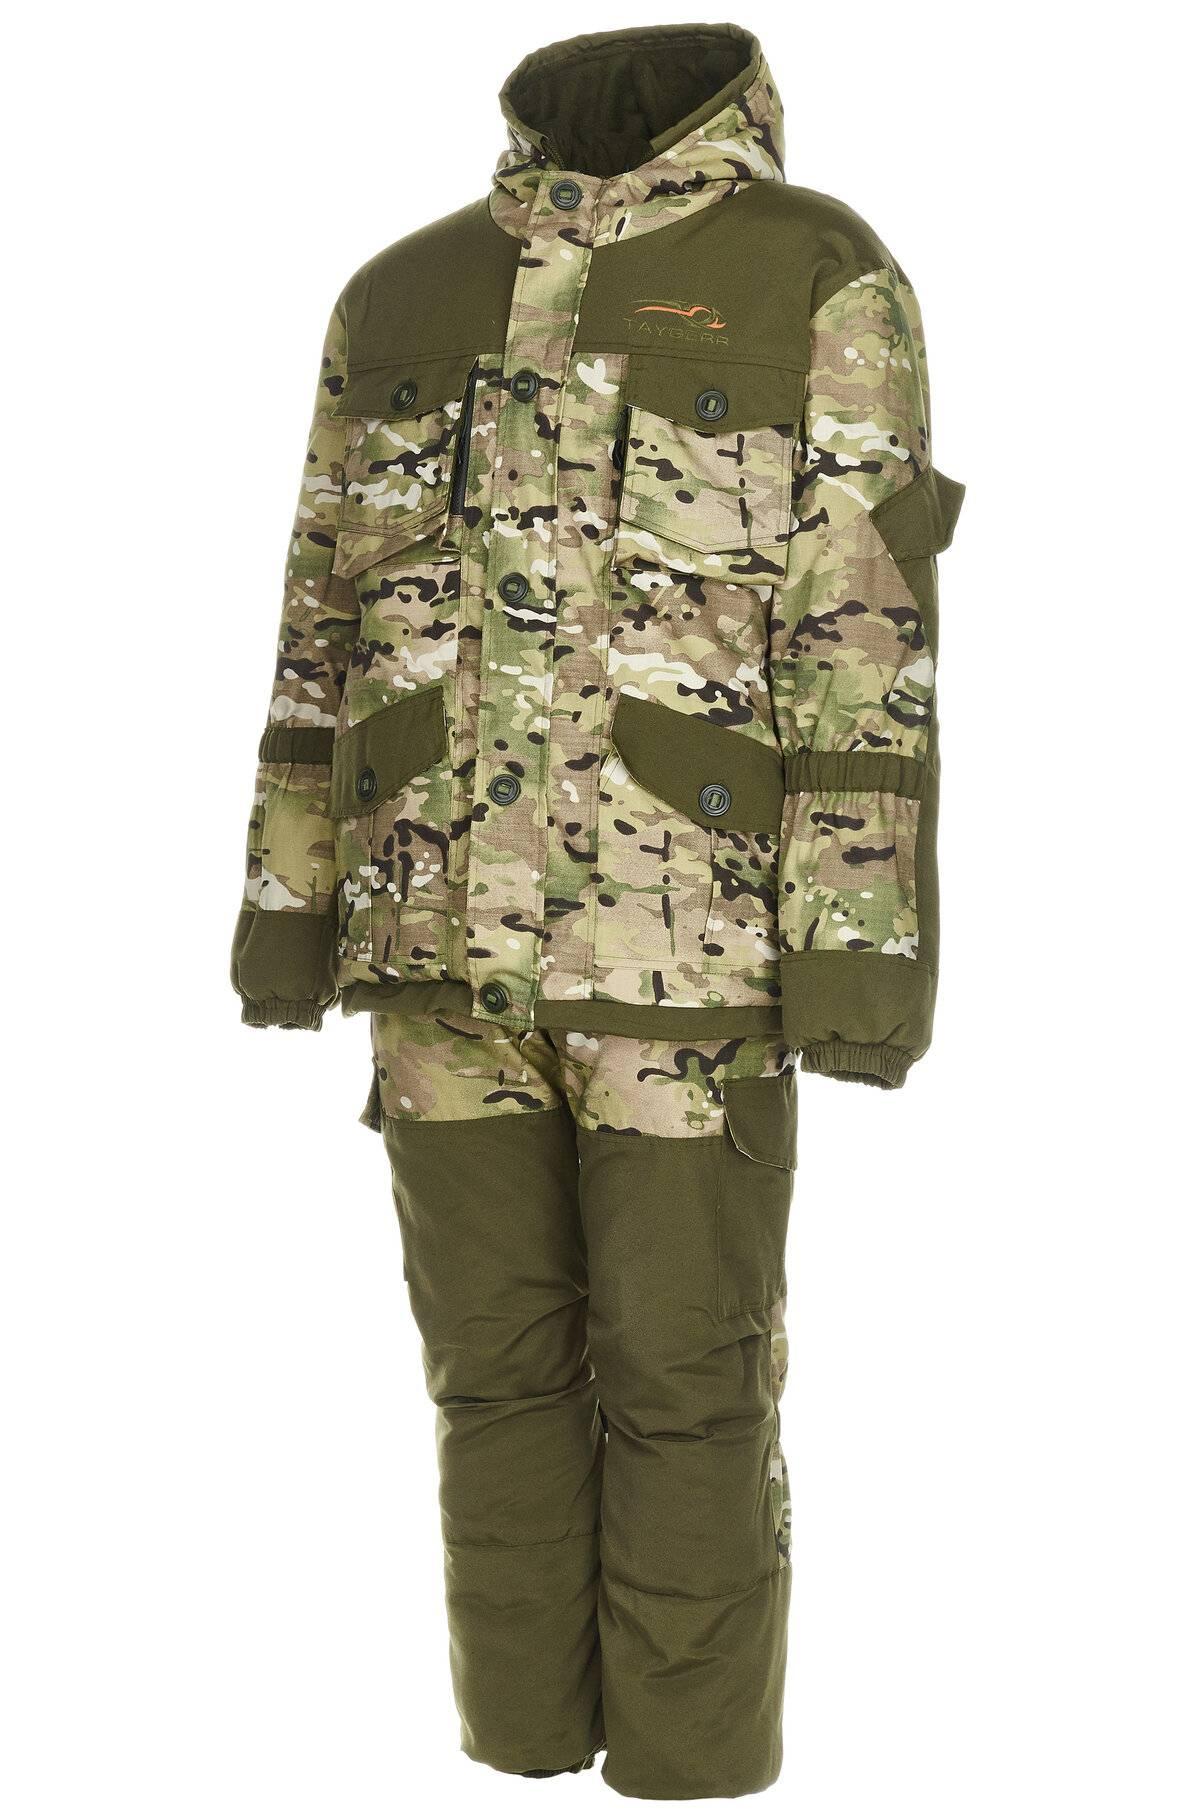 Типы камуфляжа российской армии. зимний и летний камуфляж: как военная одежда прижилась в быту